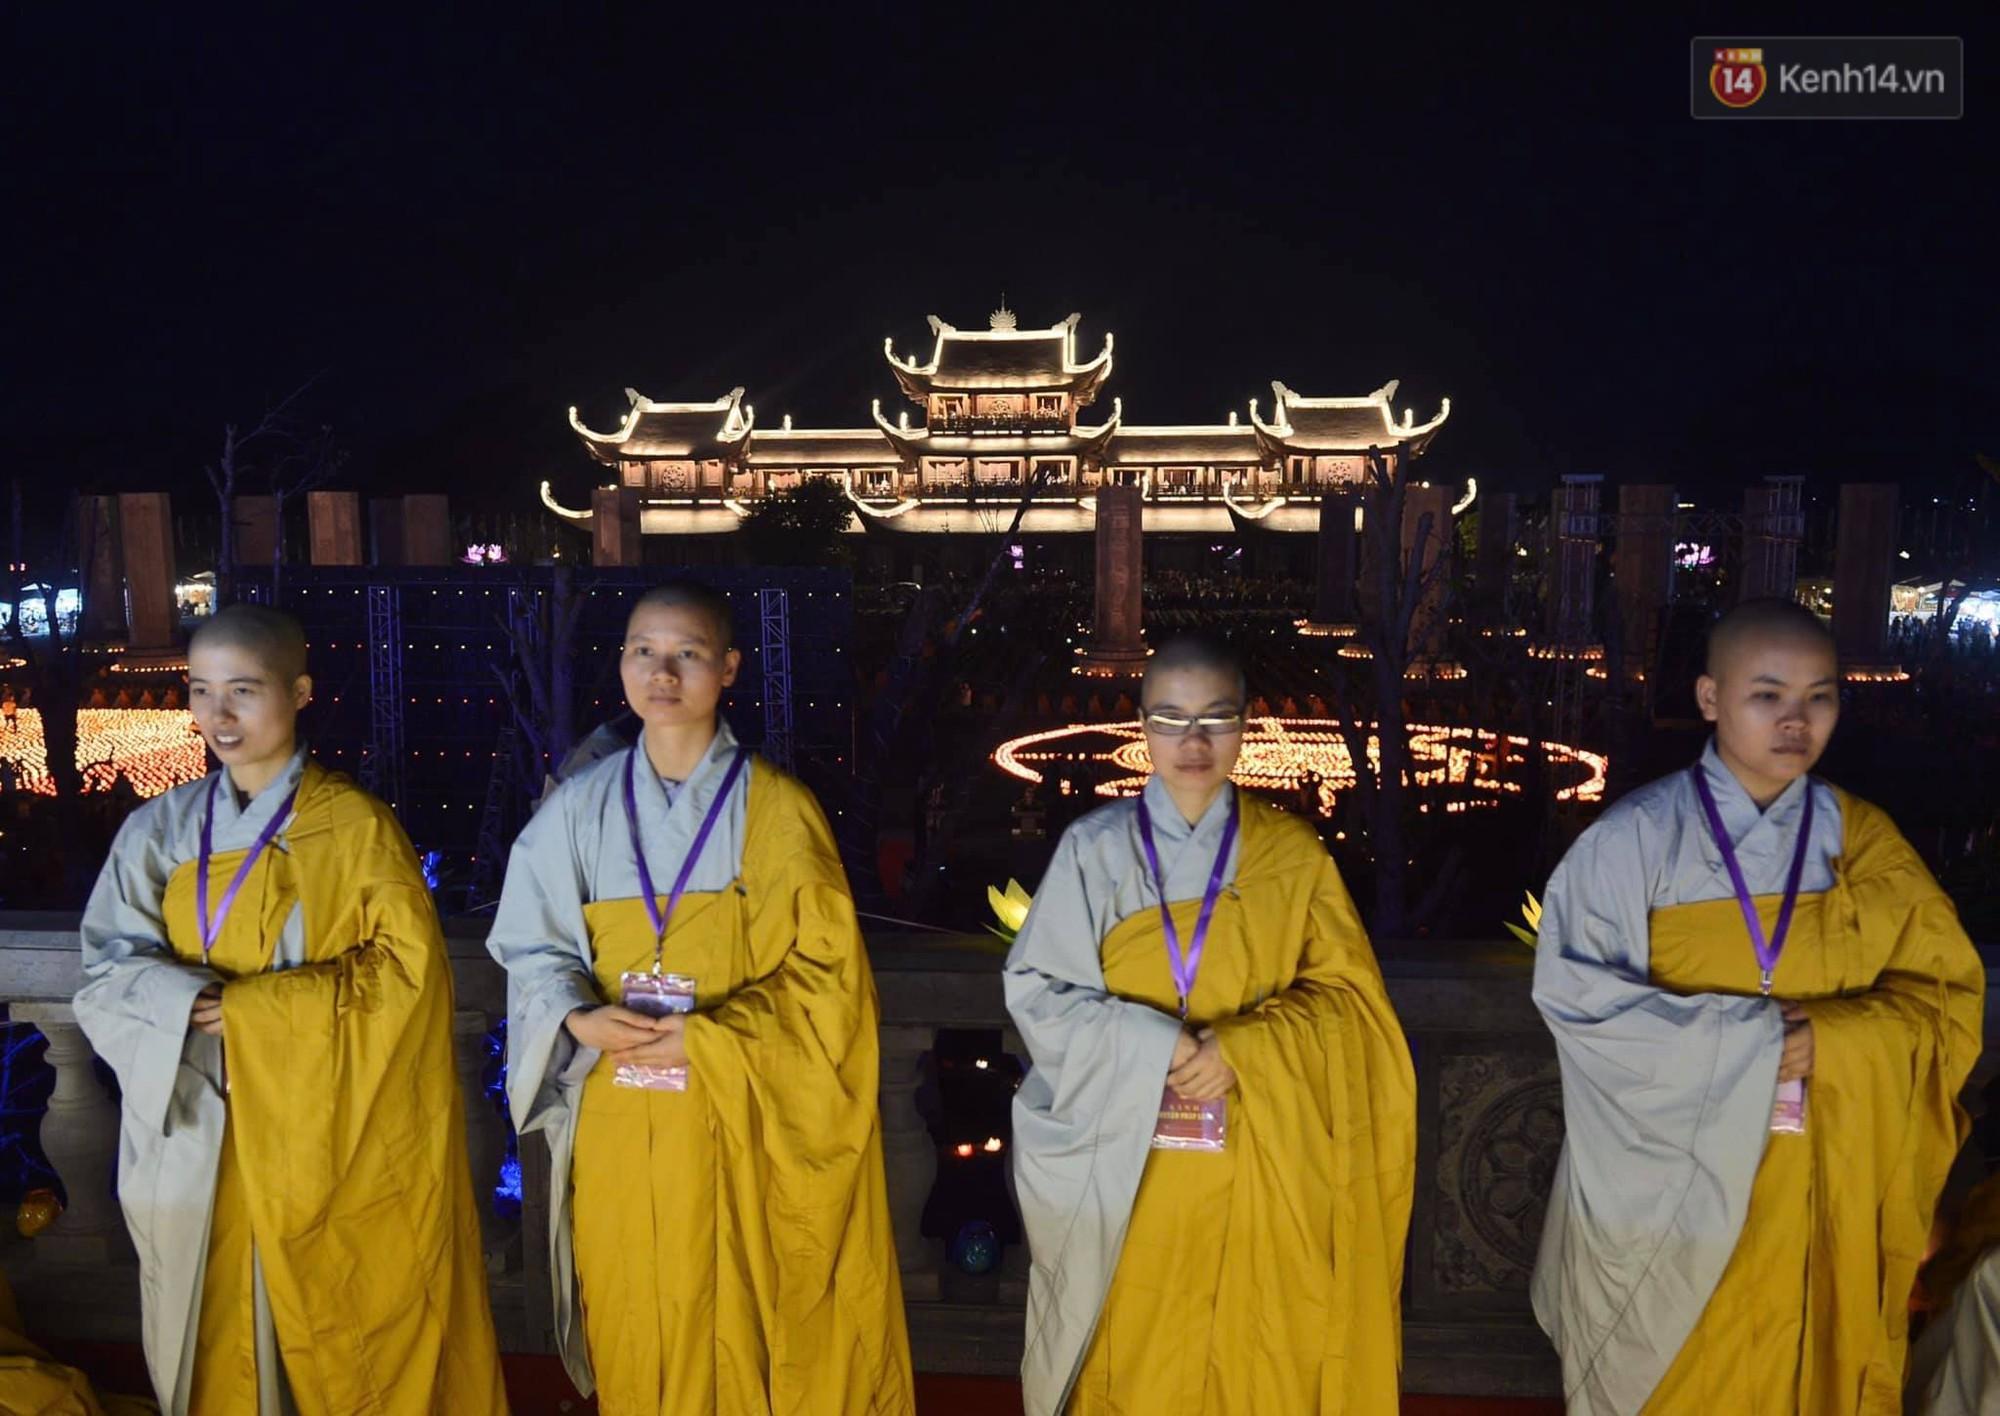 Hàng vạn người tham gia buổi lễ cầu nguyện hoà bình và hoa đăng tại chùa Tam Chúc - Ảnh 13.